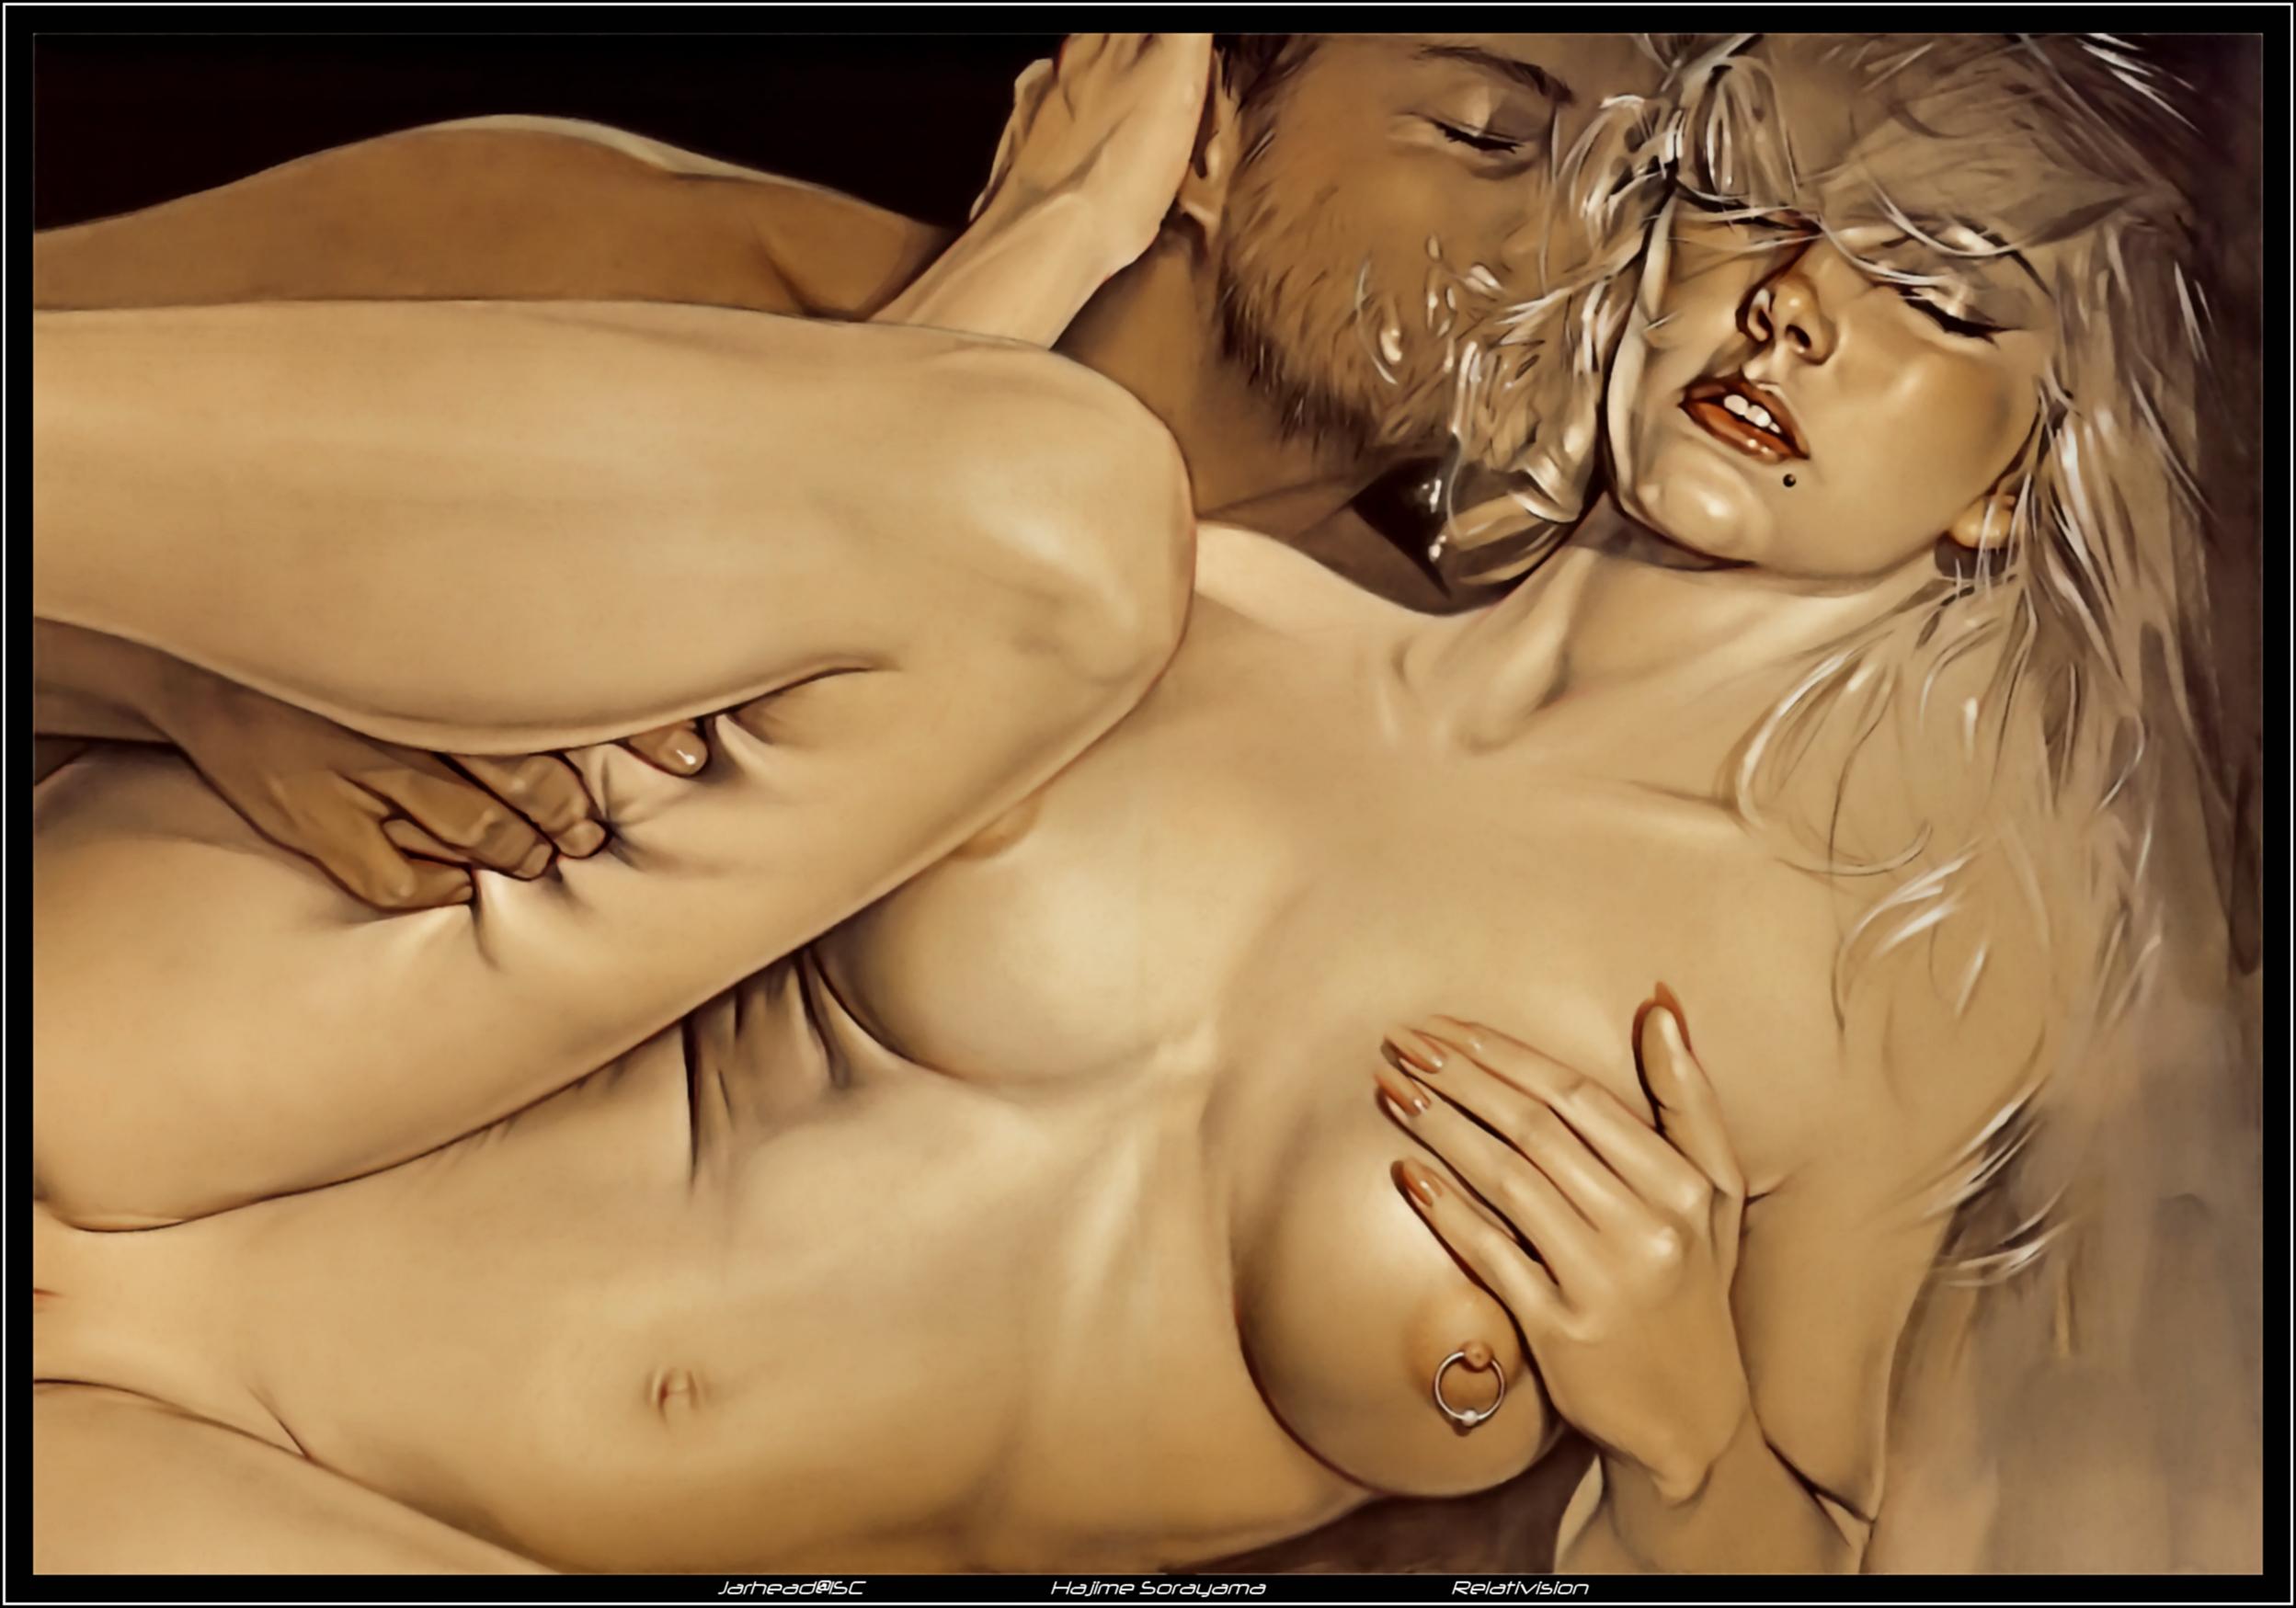 art-eroticheskie-fotografii